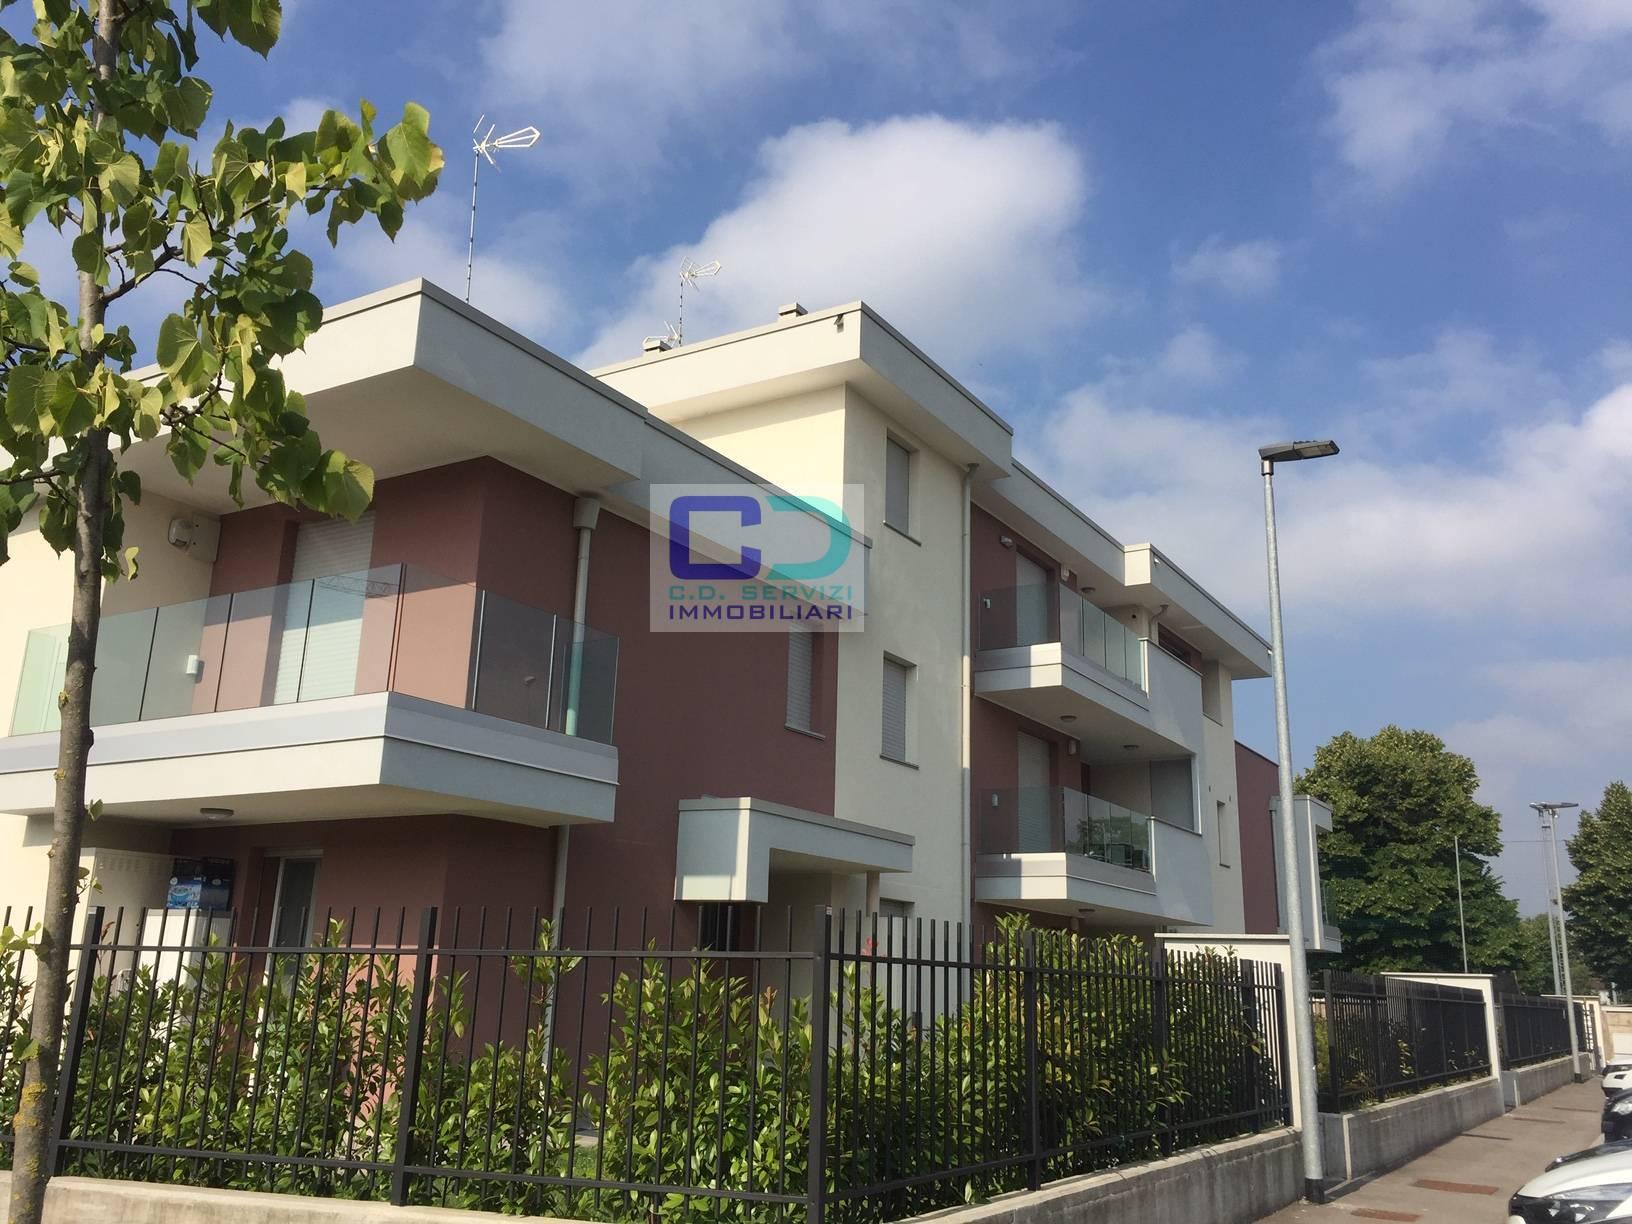 Appartamento in vendita a Inzago, 3 locali, prezzo € 280.000 | CambioCasa.it